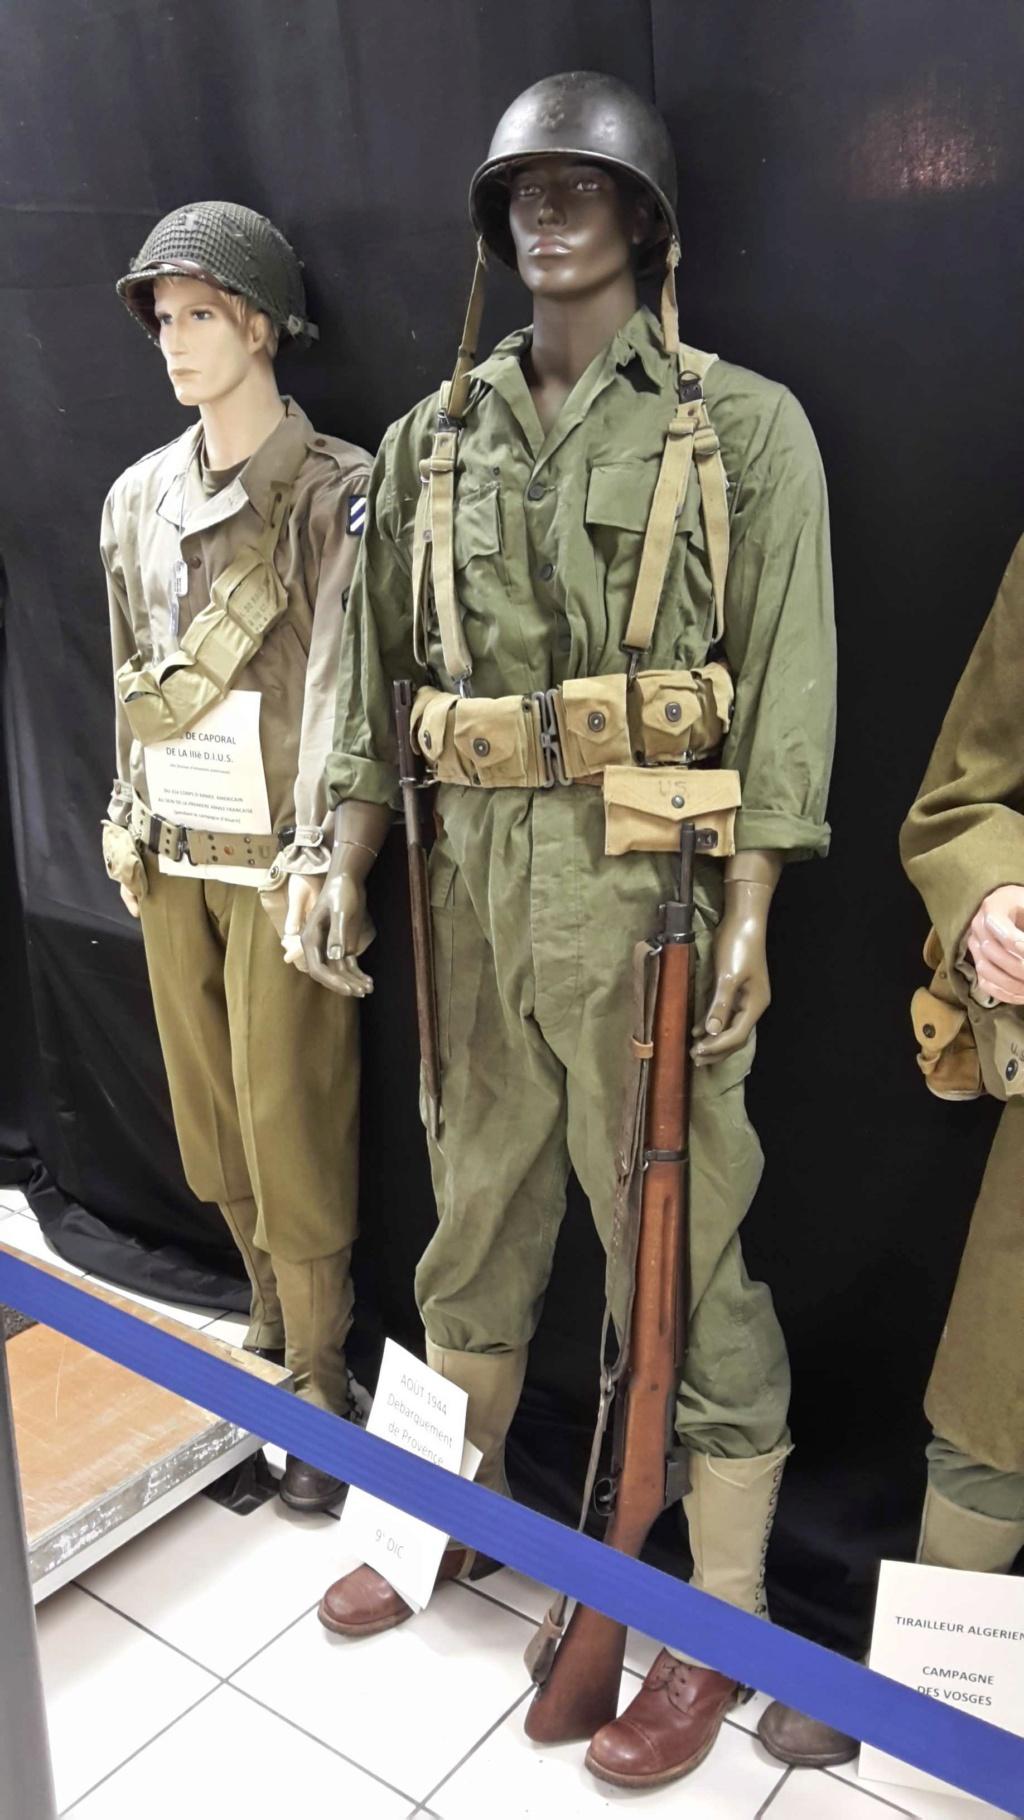 Exposition 1ère Armée en Côte d'Or du 25 au 27/09/2020 20200924